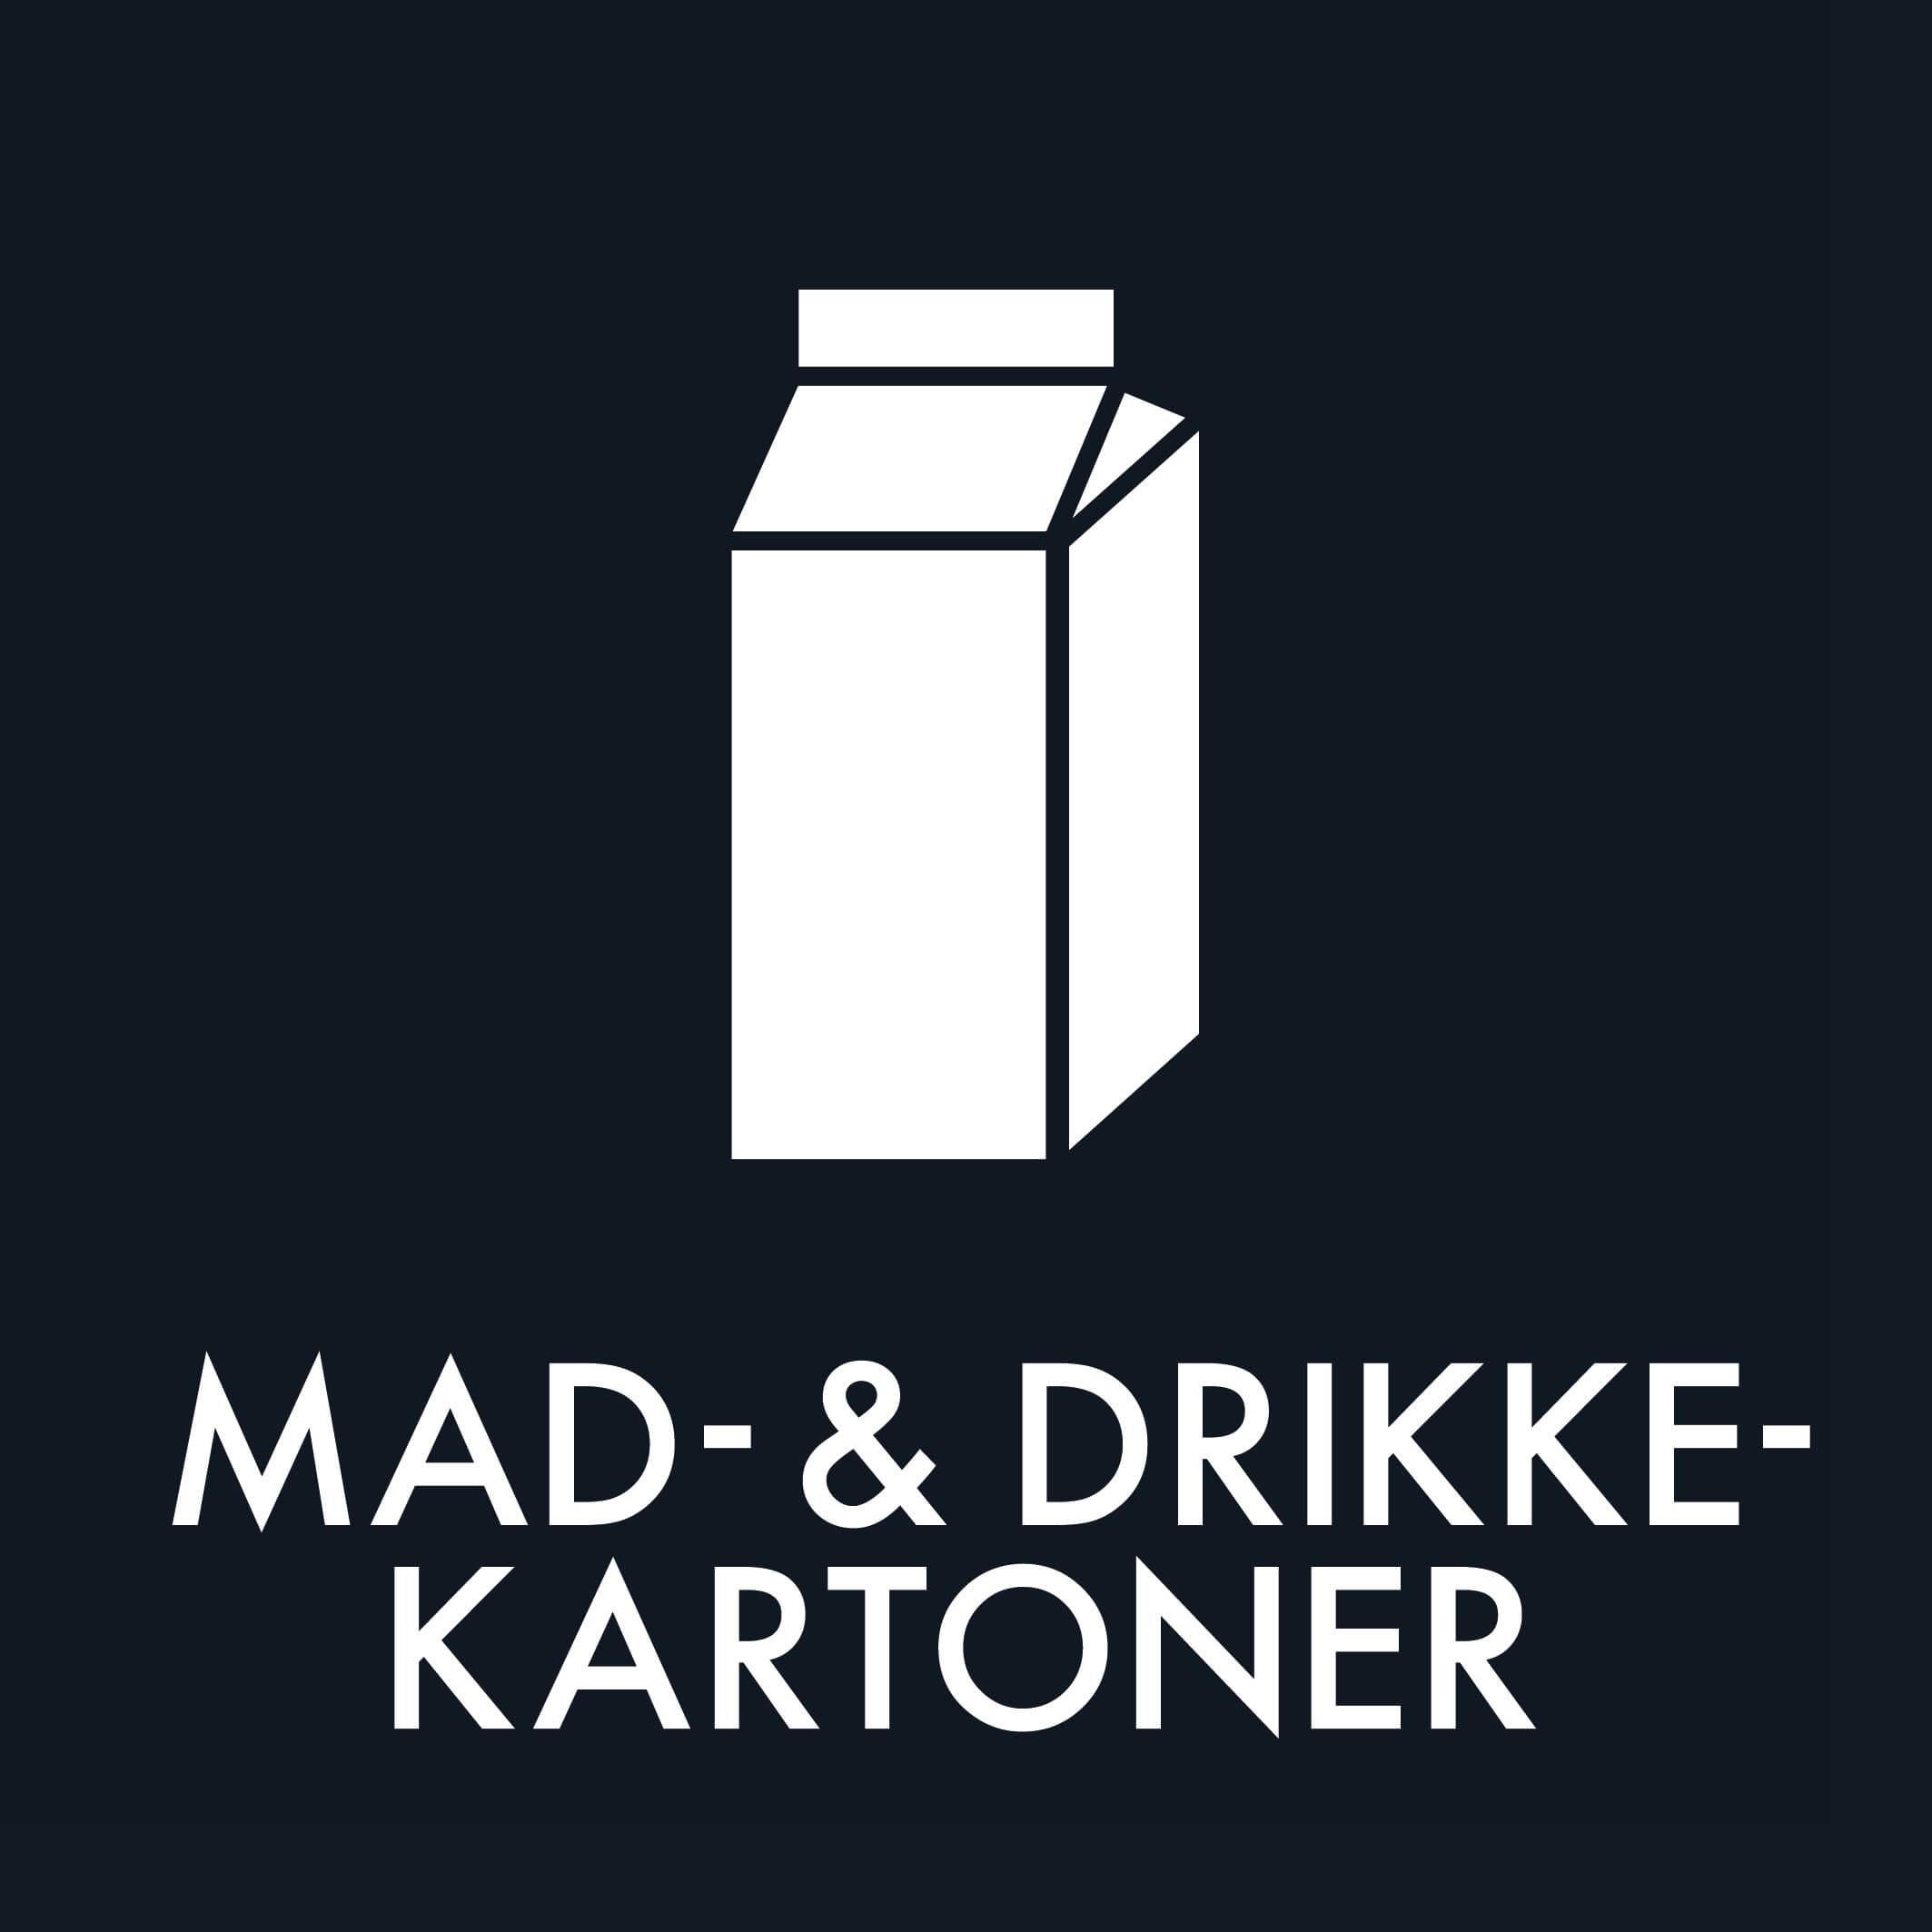 Dansk Affaldssortering - Mad- & Drikkekartoner sort